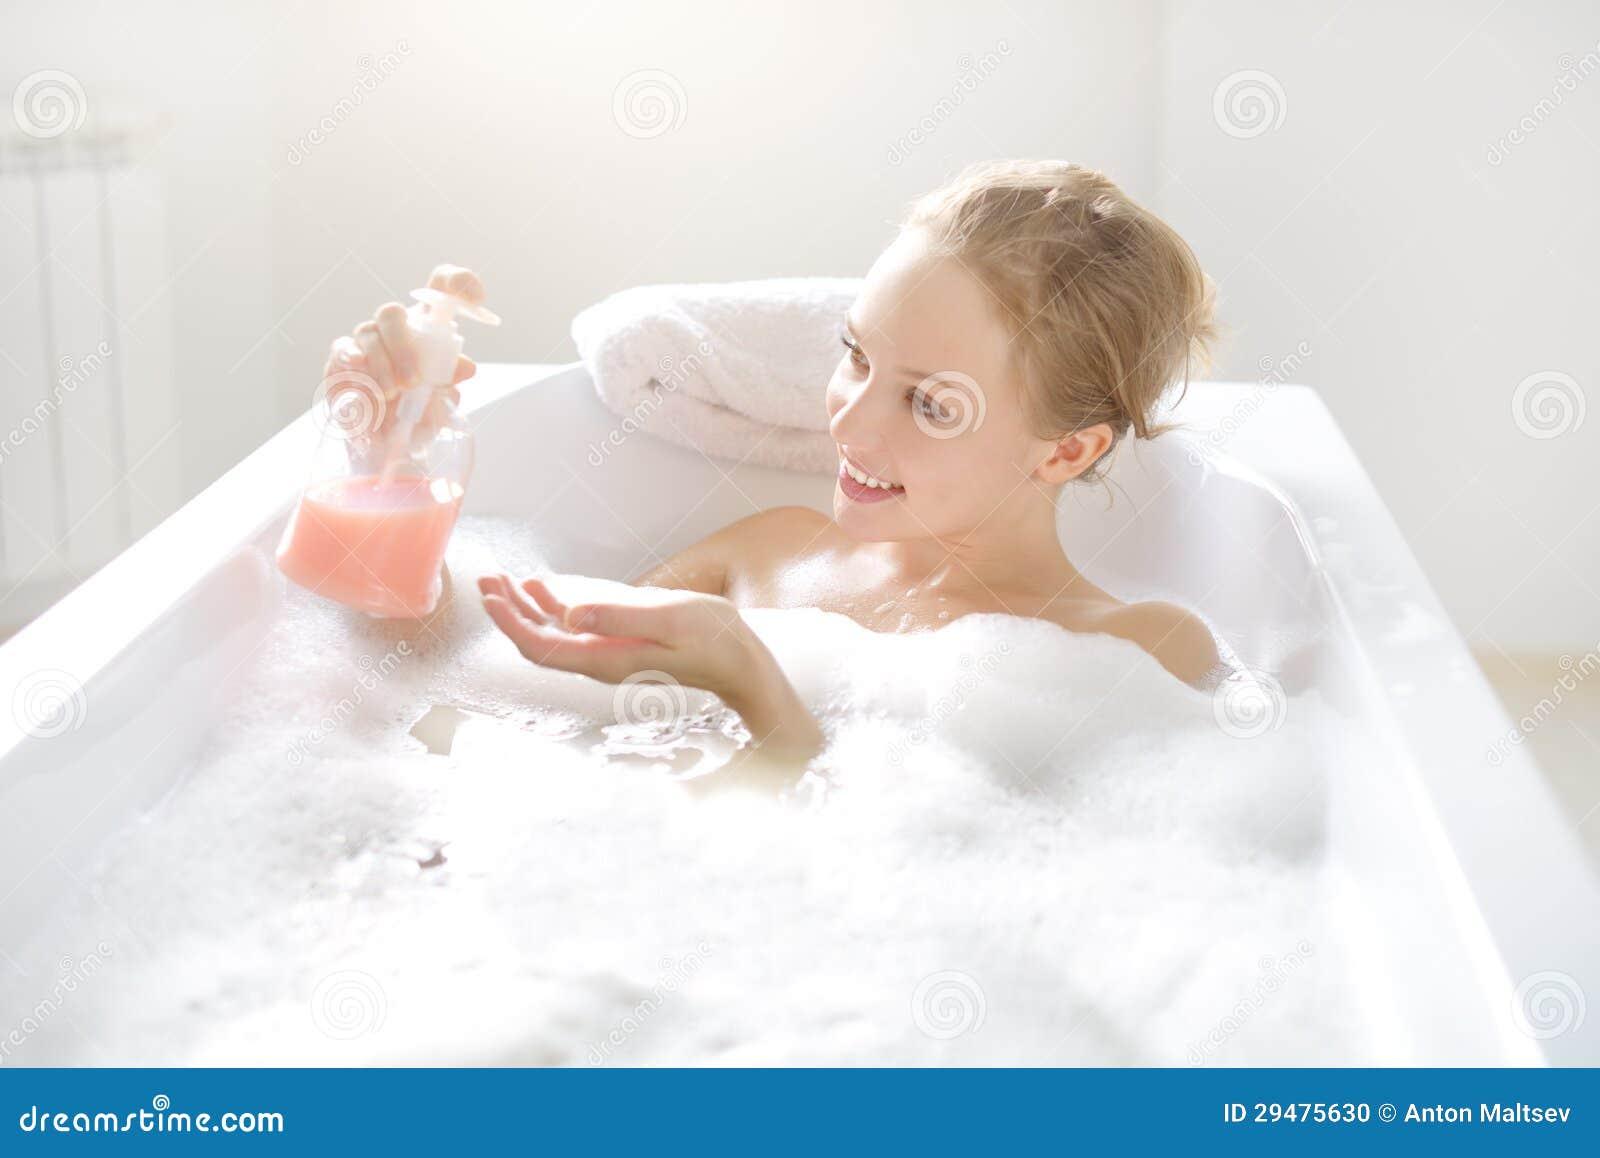 Смотреть бесплатно в онлайне как моются женщины, Эротика и порно, снятые в бане или в сауне смотреть 20 фотография